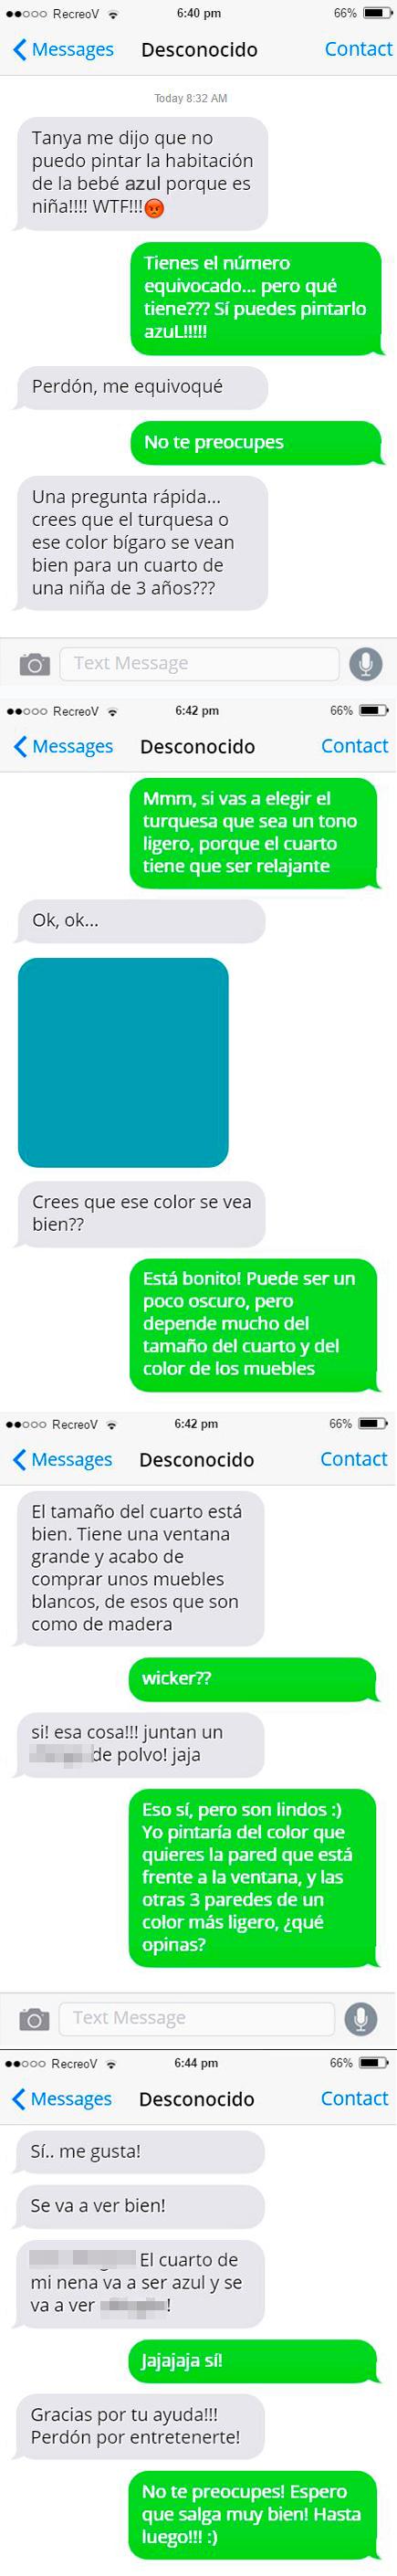 Mensajes equivocados - cuarto color turquesa